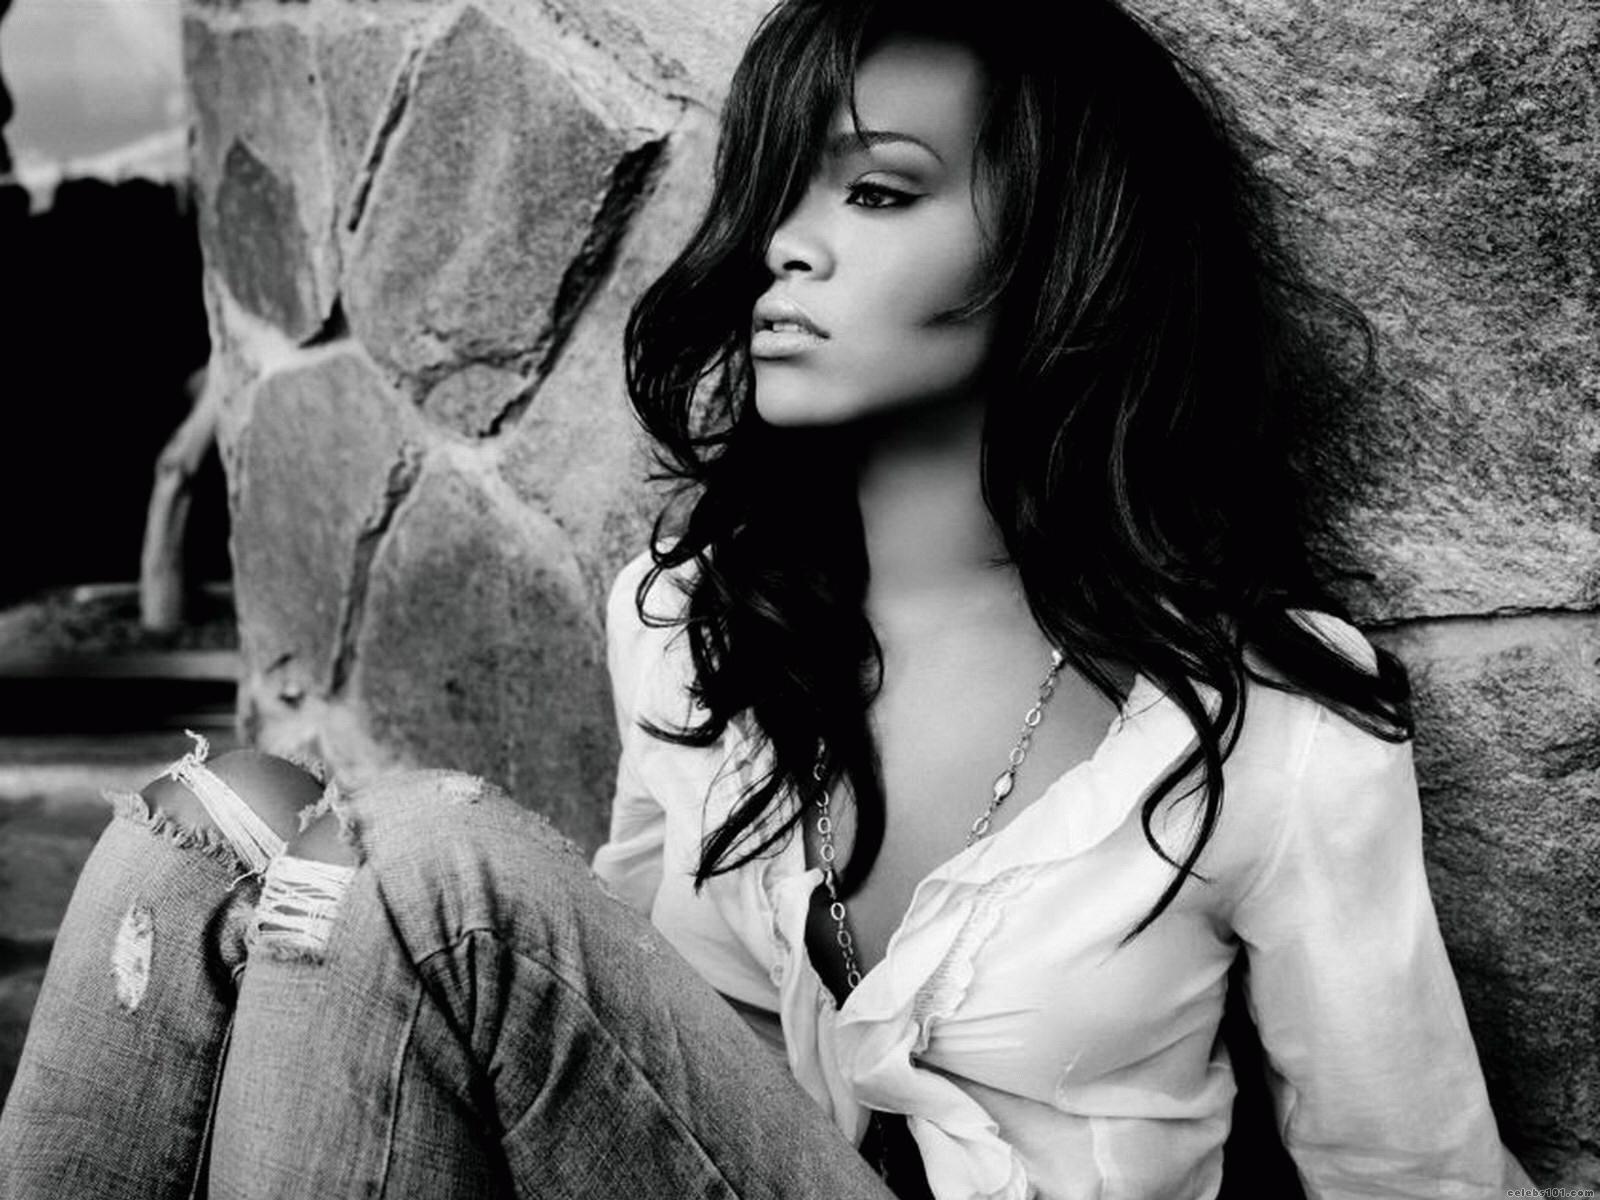 http://1.bp.blogspot.com/-LCmndV8FpEk/UM7zBkJhQ0I/AAAAAAAACtM/72ETPXc7VwE/s1600/Rihanna+New+Hot+HD+Wallpaper+2012-2013+01.jpg